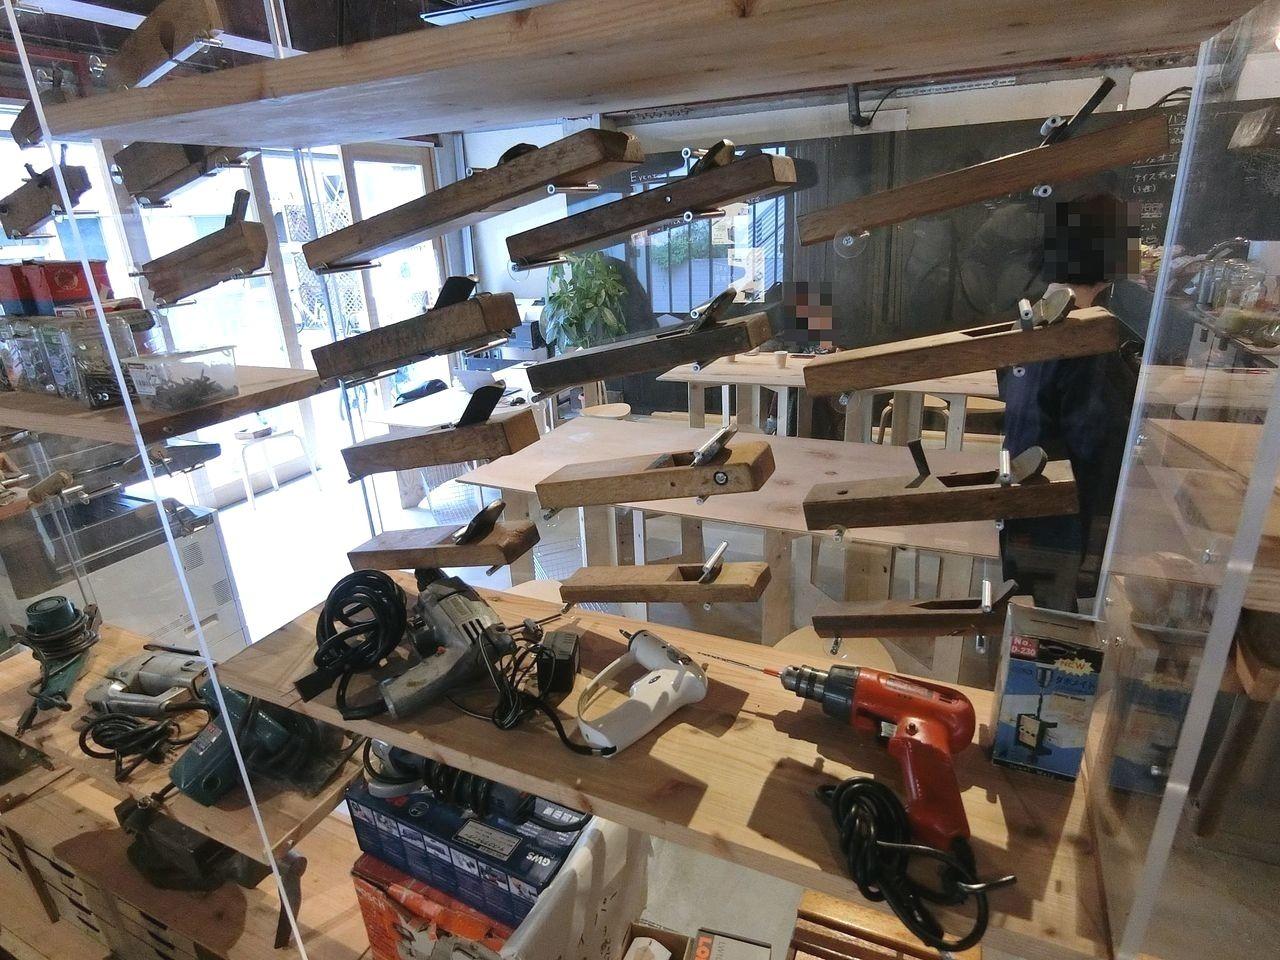 板橋区南町「11-1 studio」のシェア工房